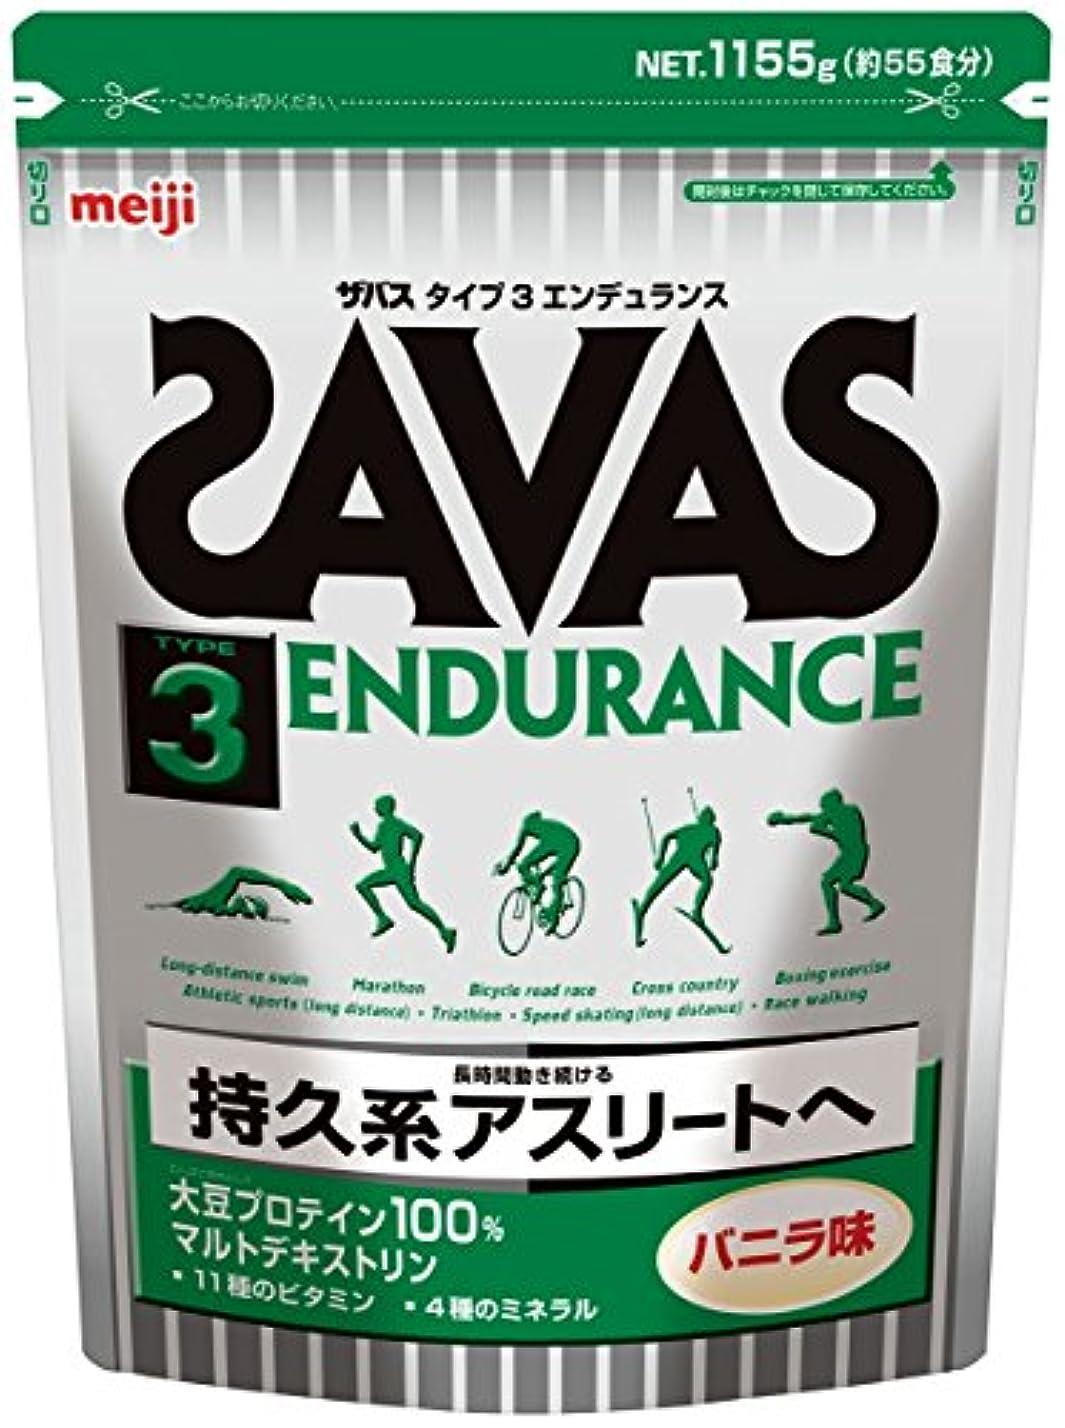 やさしくクスクス前任者ザバス(SAVAS) タイプ3エンデュランス ソイプロテイン+マルトデキストリン バニラ味 【55回分】 1,155g